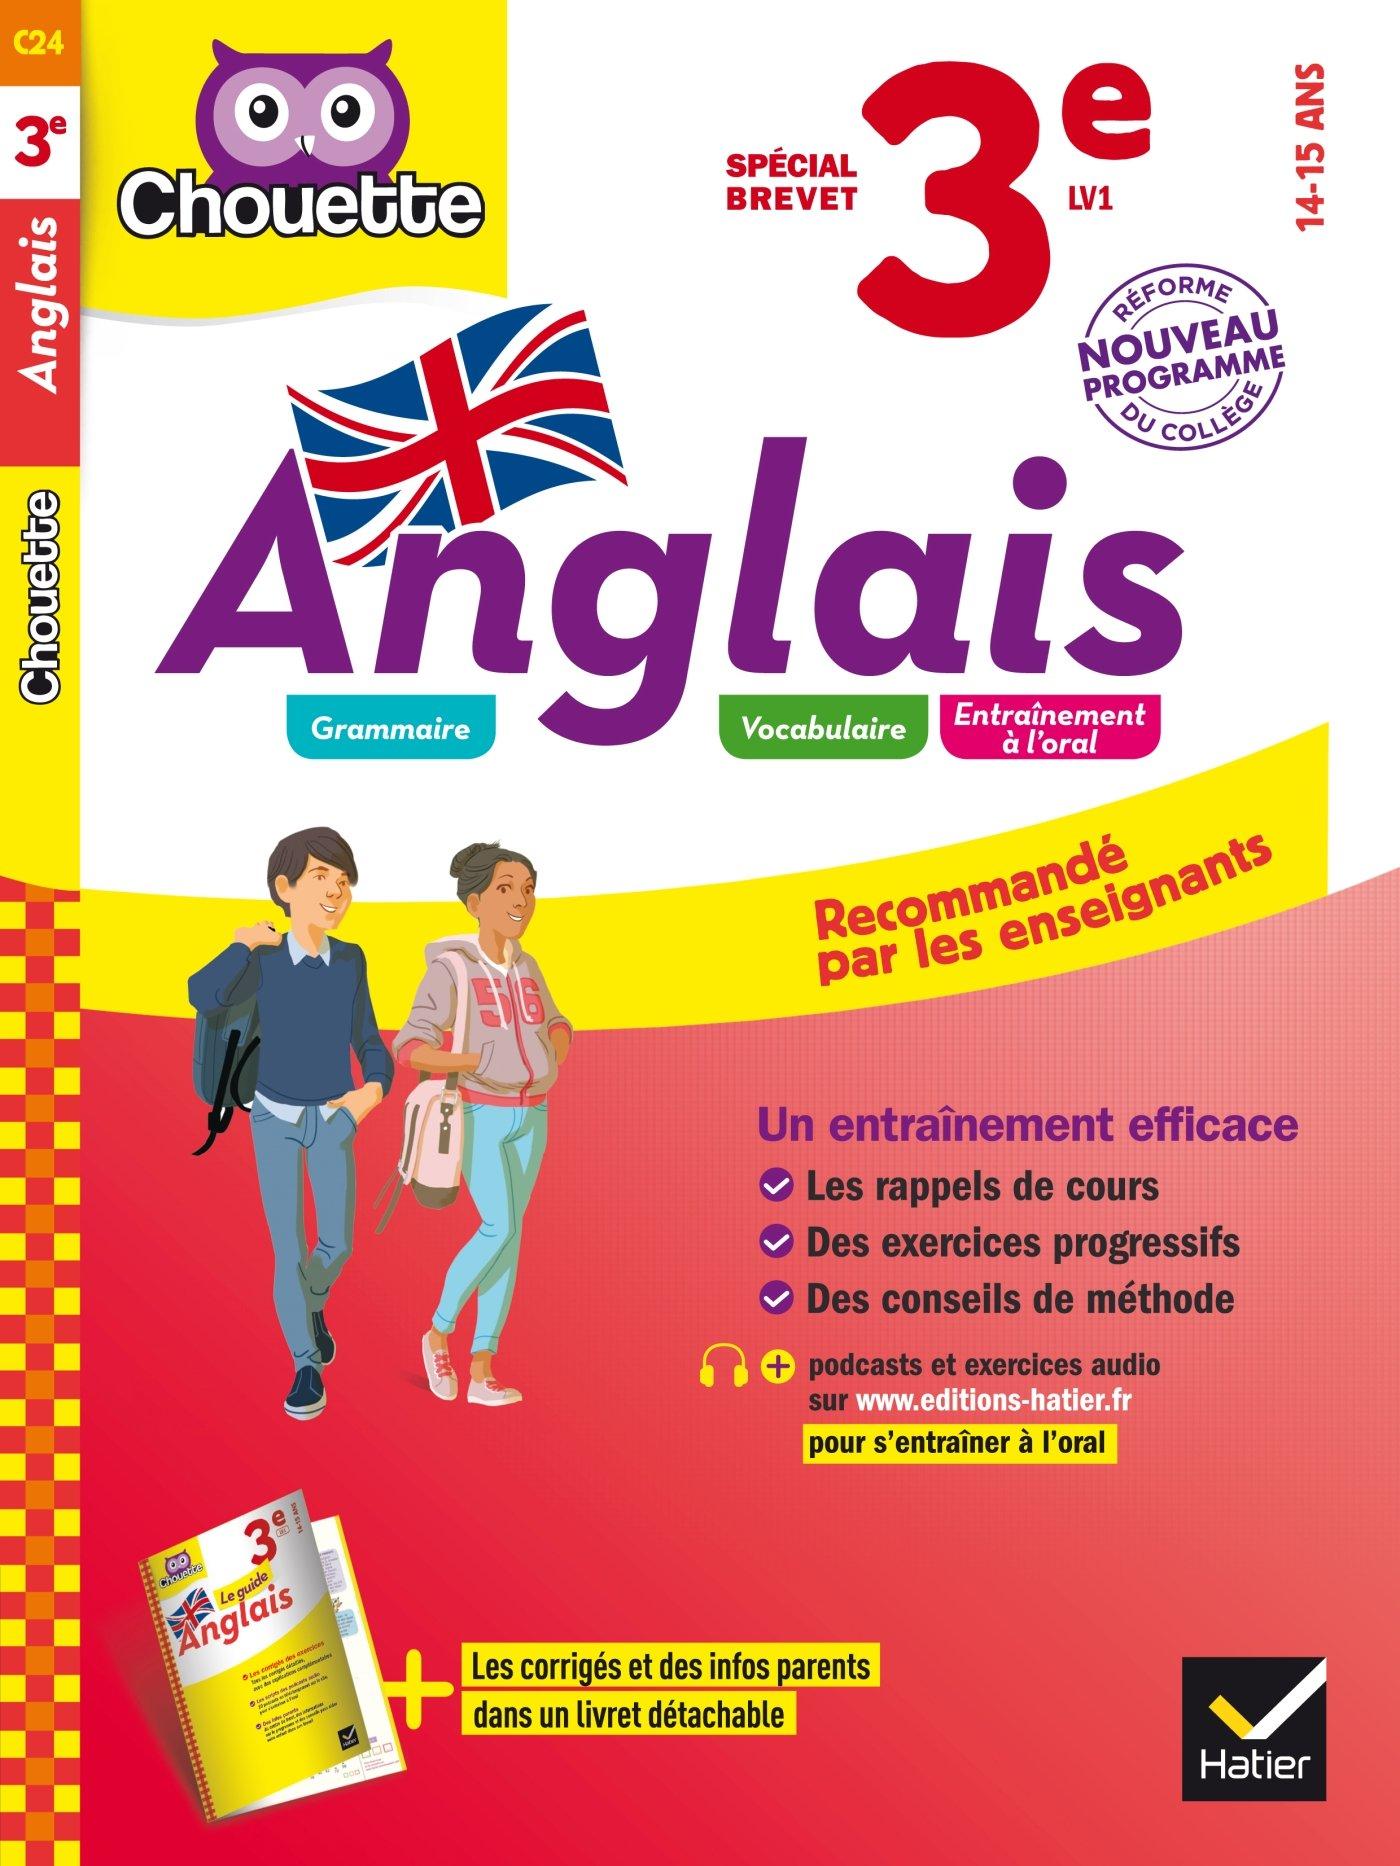 Chouette Anglais: Anglais 3e (14-15 ans) PDF